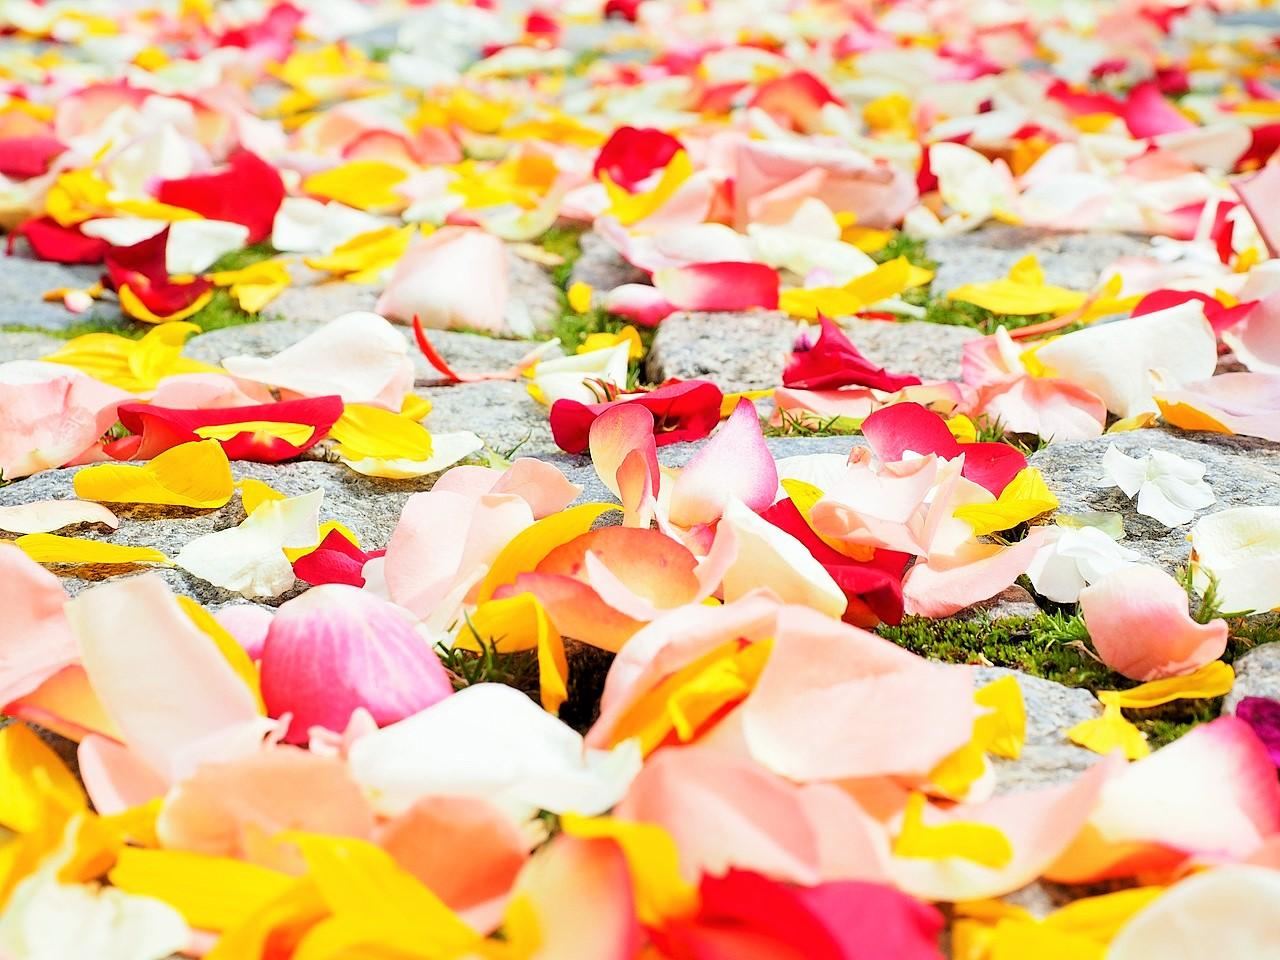 rose-petals-693570_1280 (2)